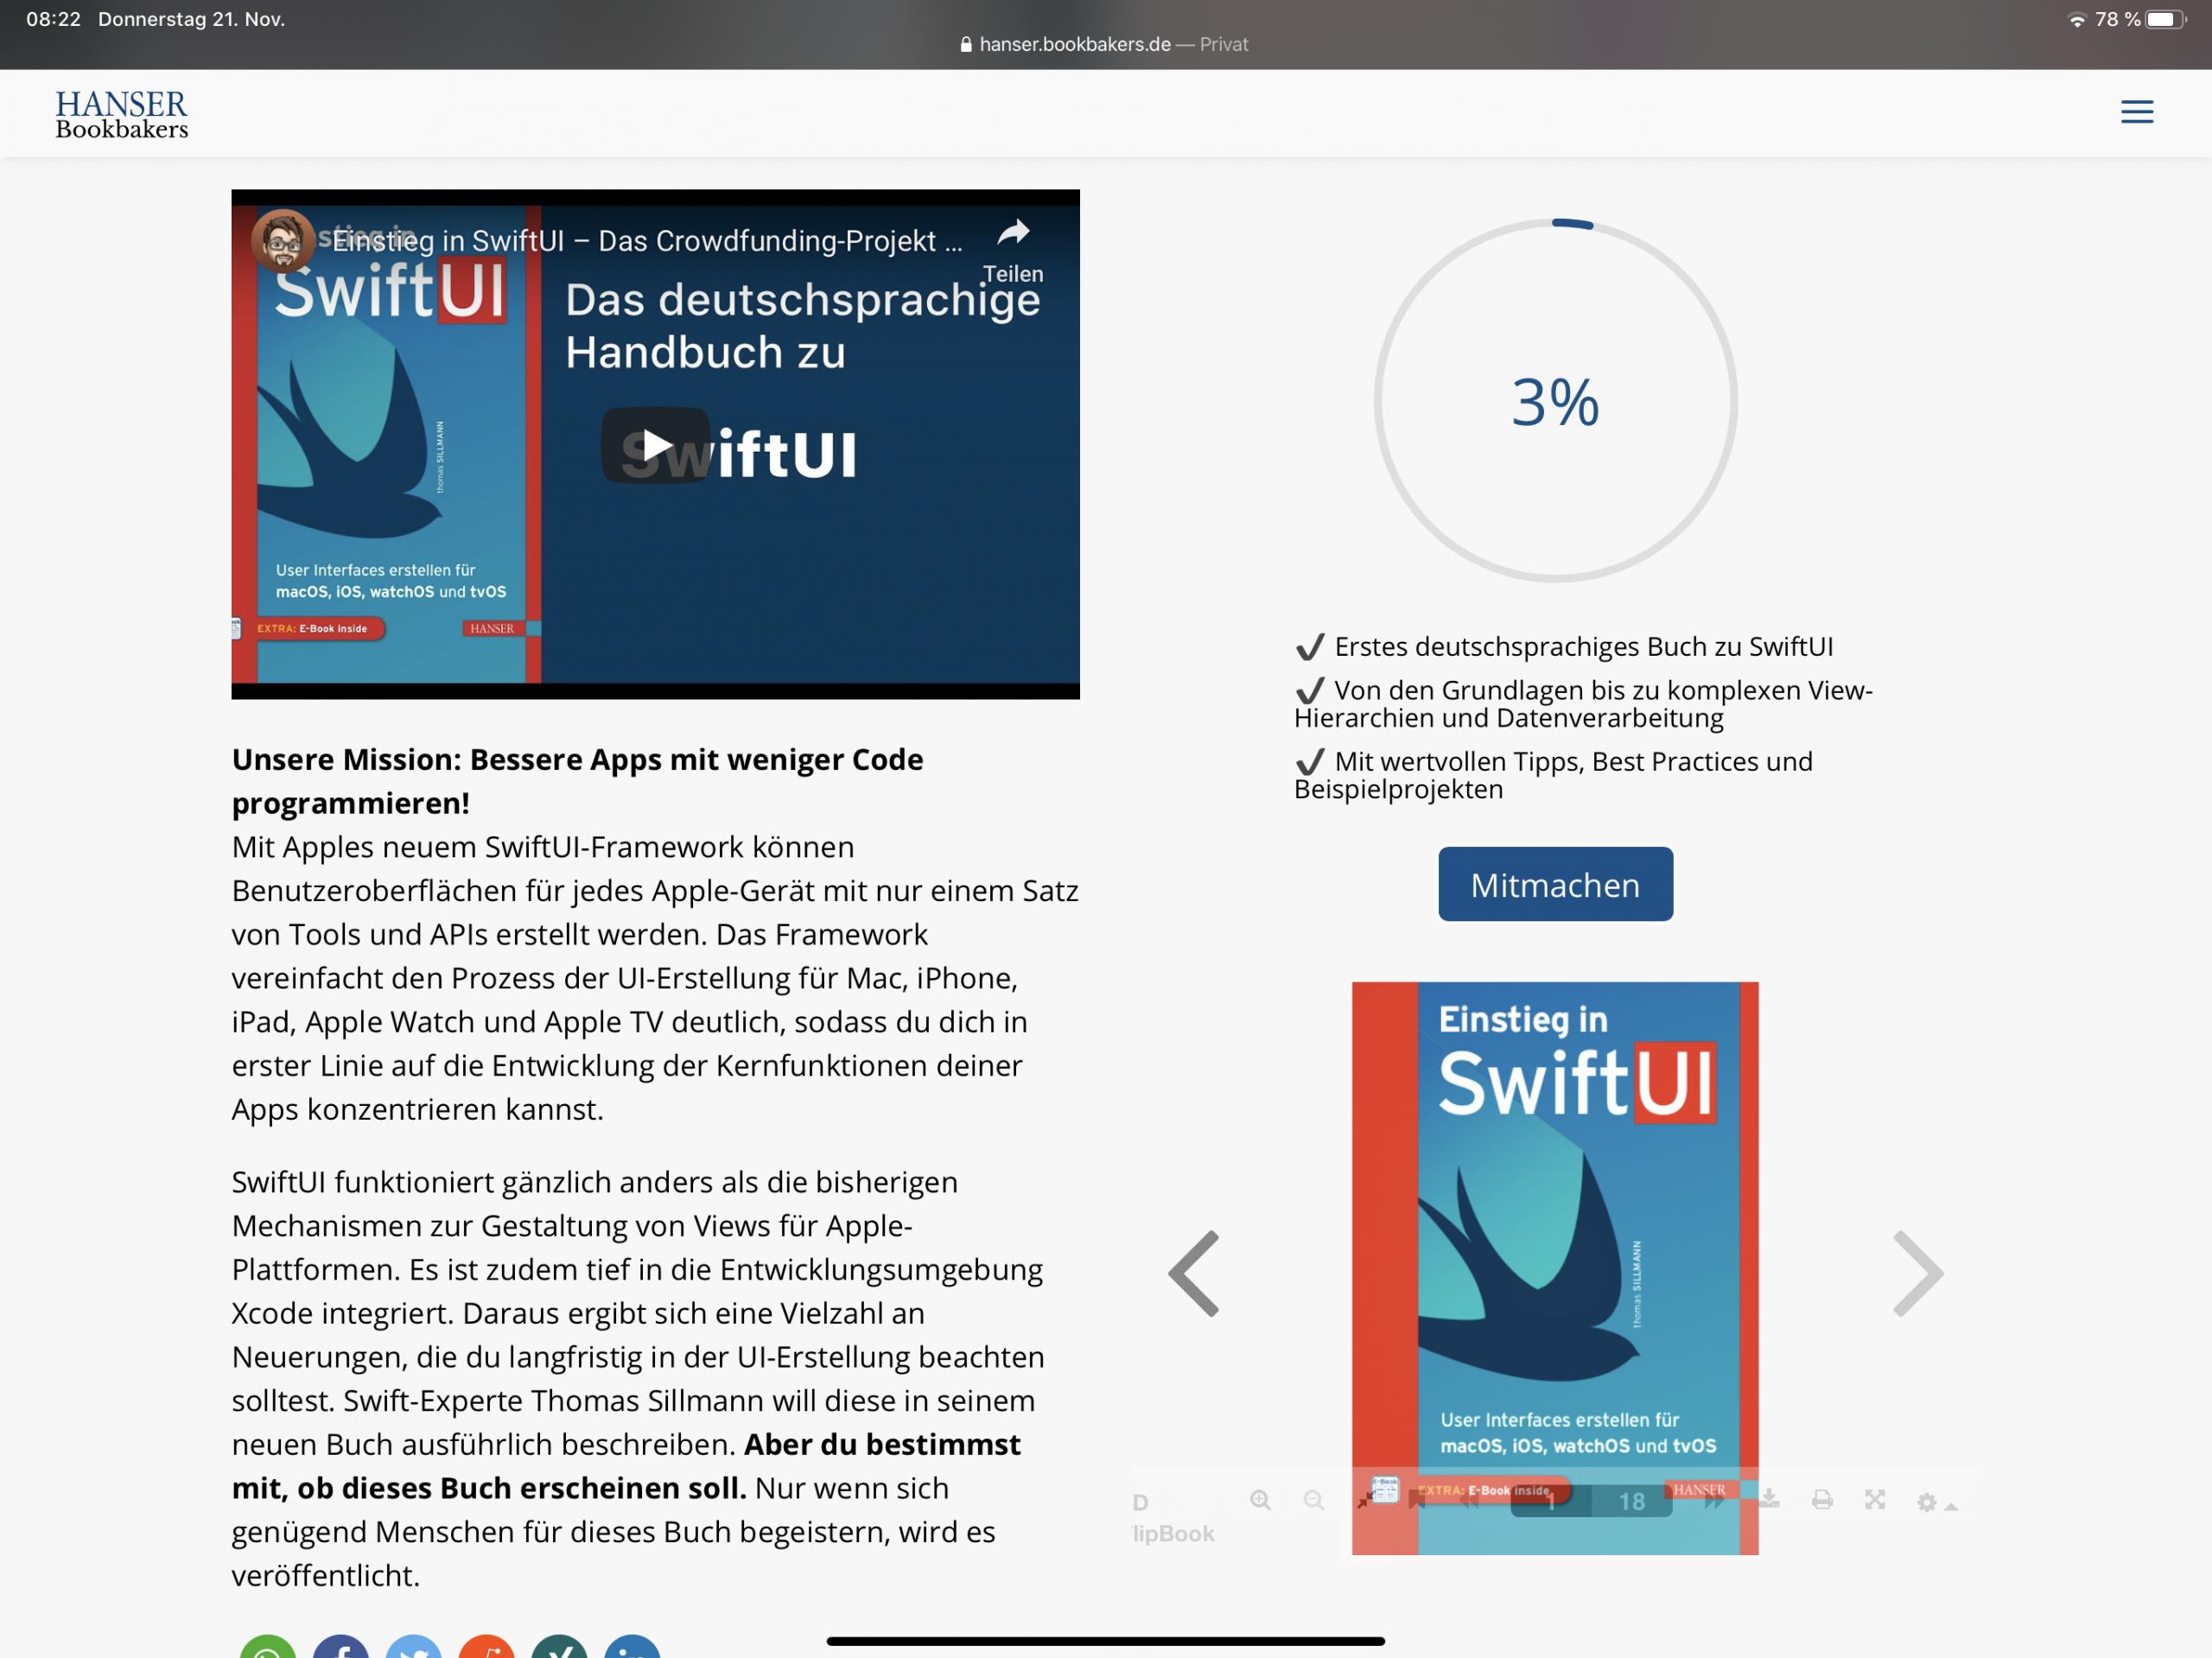 Das Crowdfunding-Projekt zum SwiftUI-Buch bei Bookbakers.